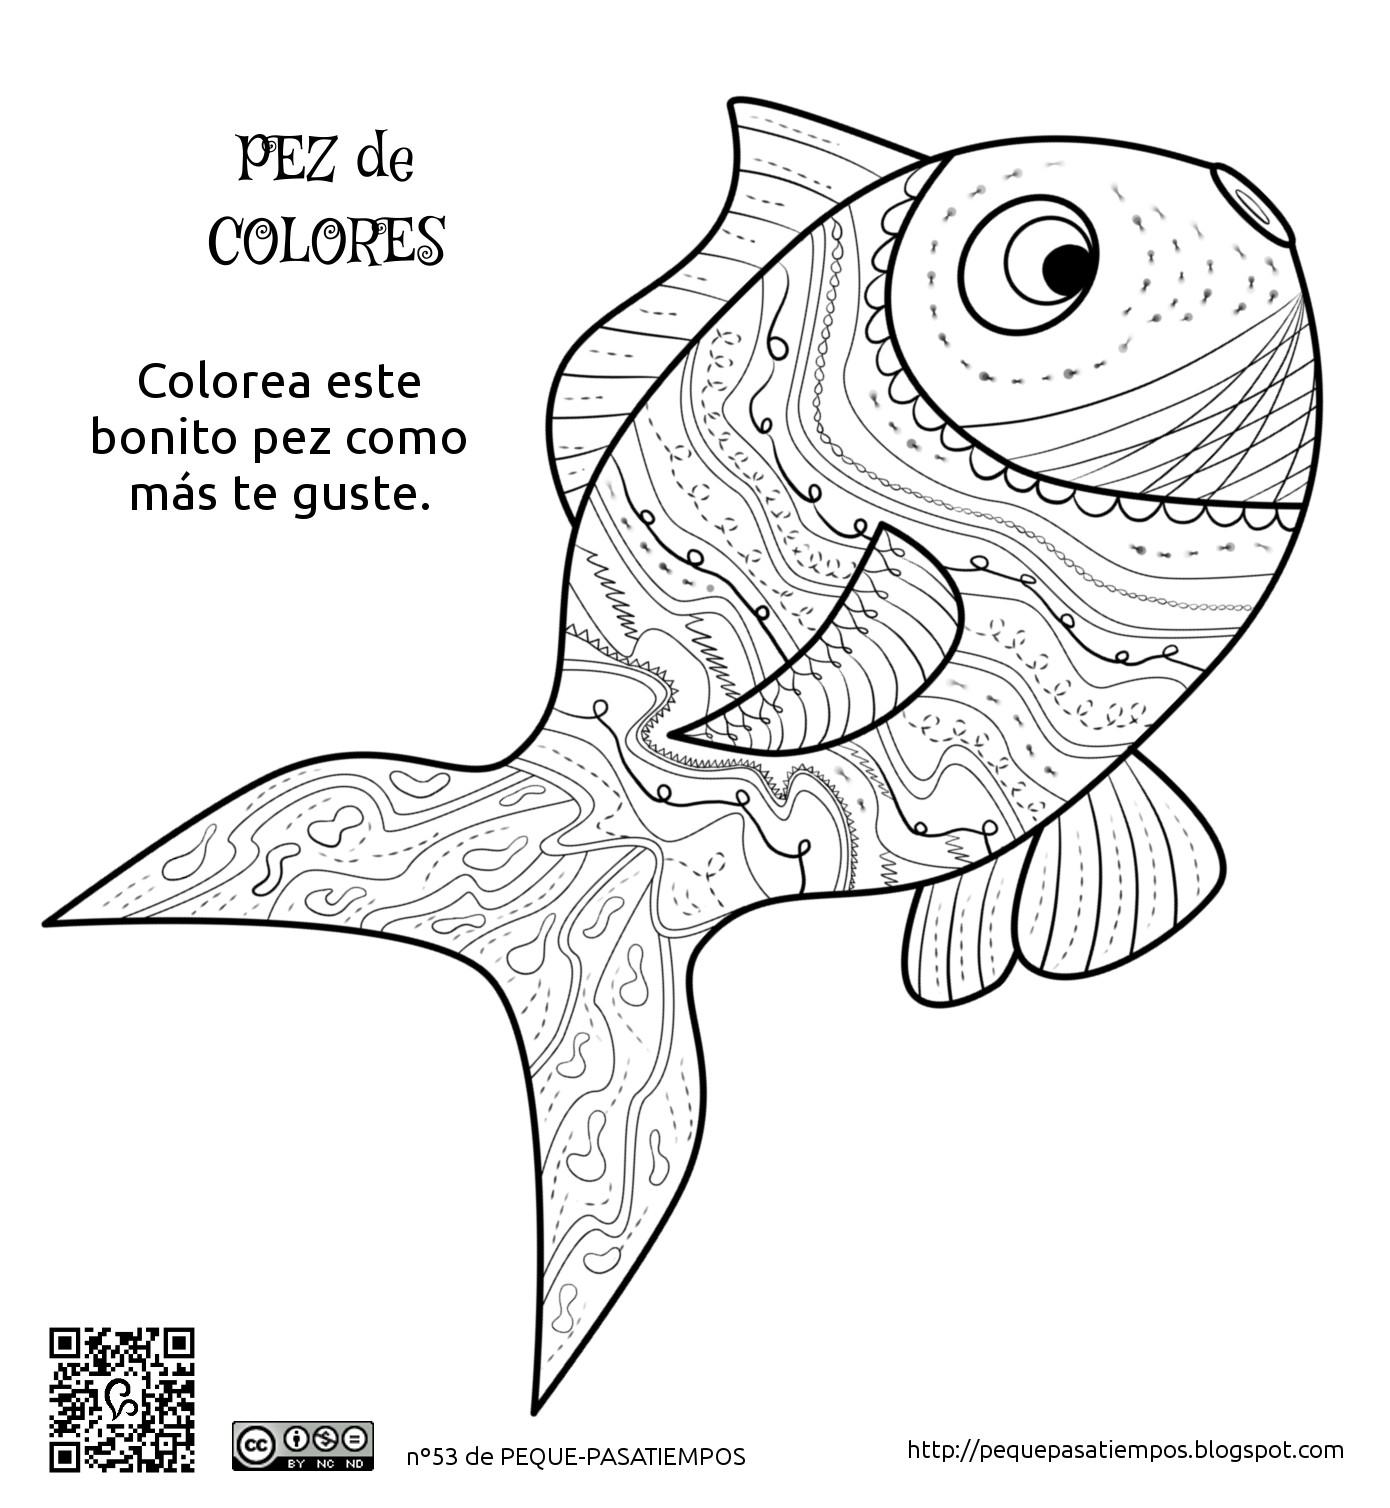 Peque-pasatiempos: Pez de colores - PEQUE-PASATIEMPOS nº53